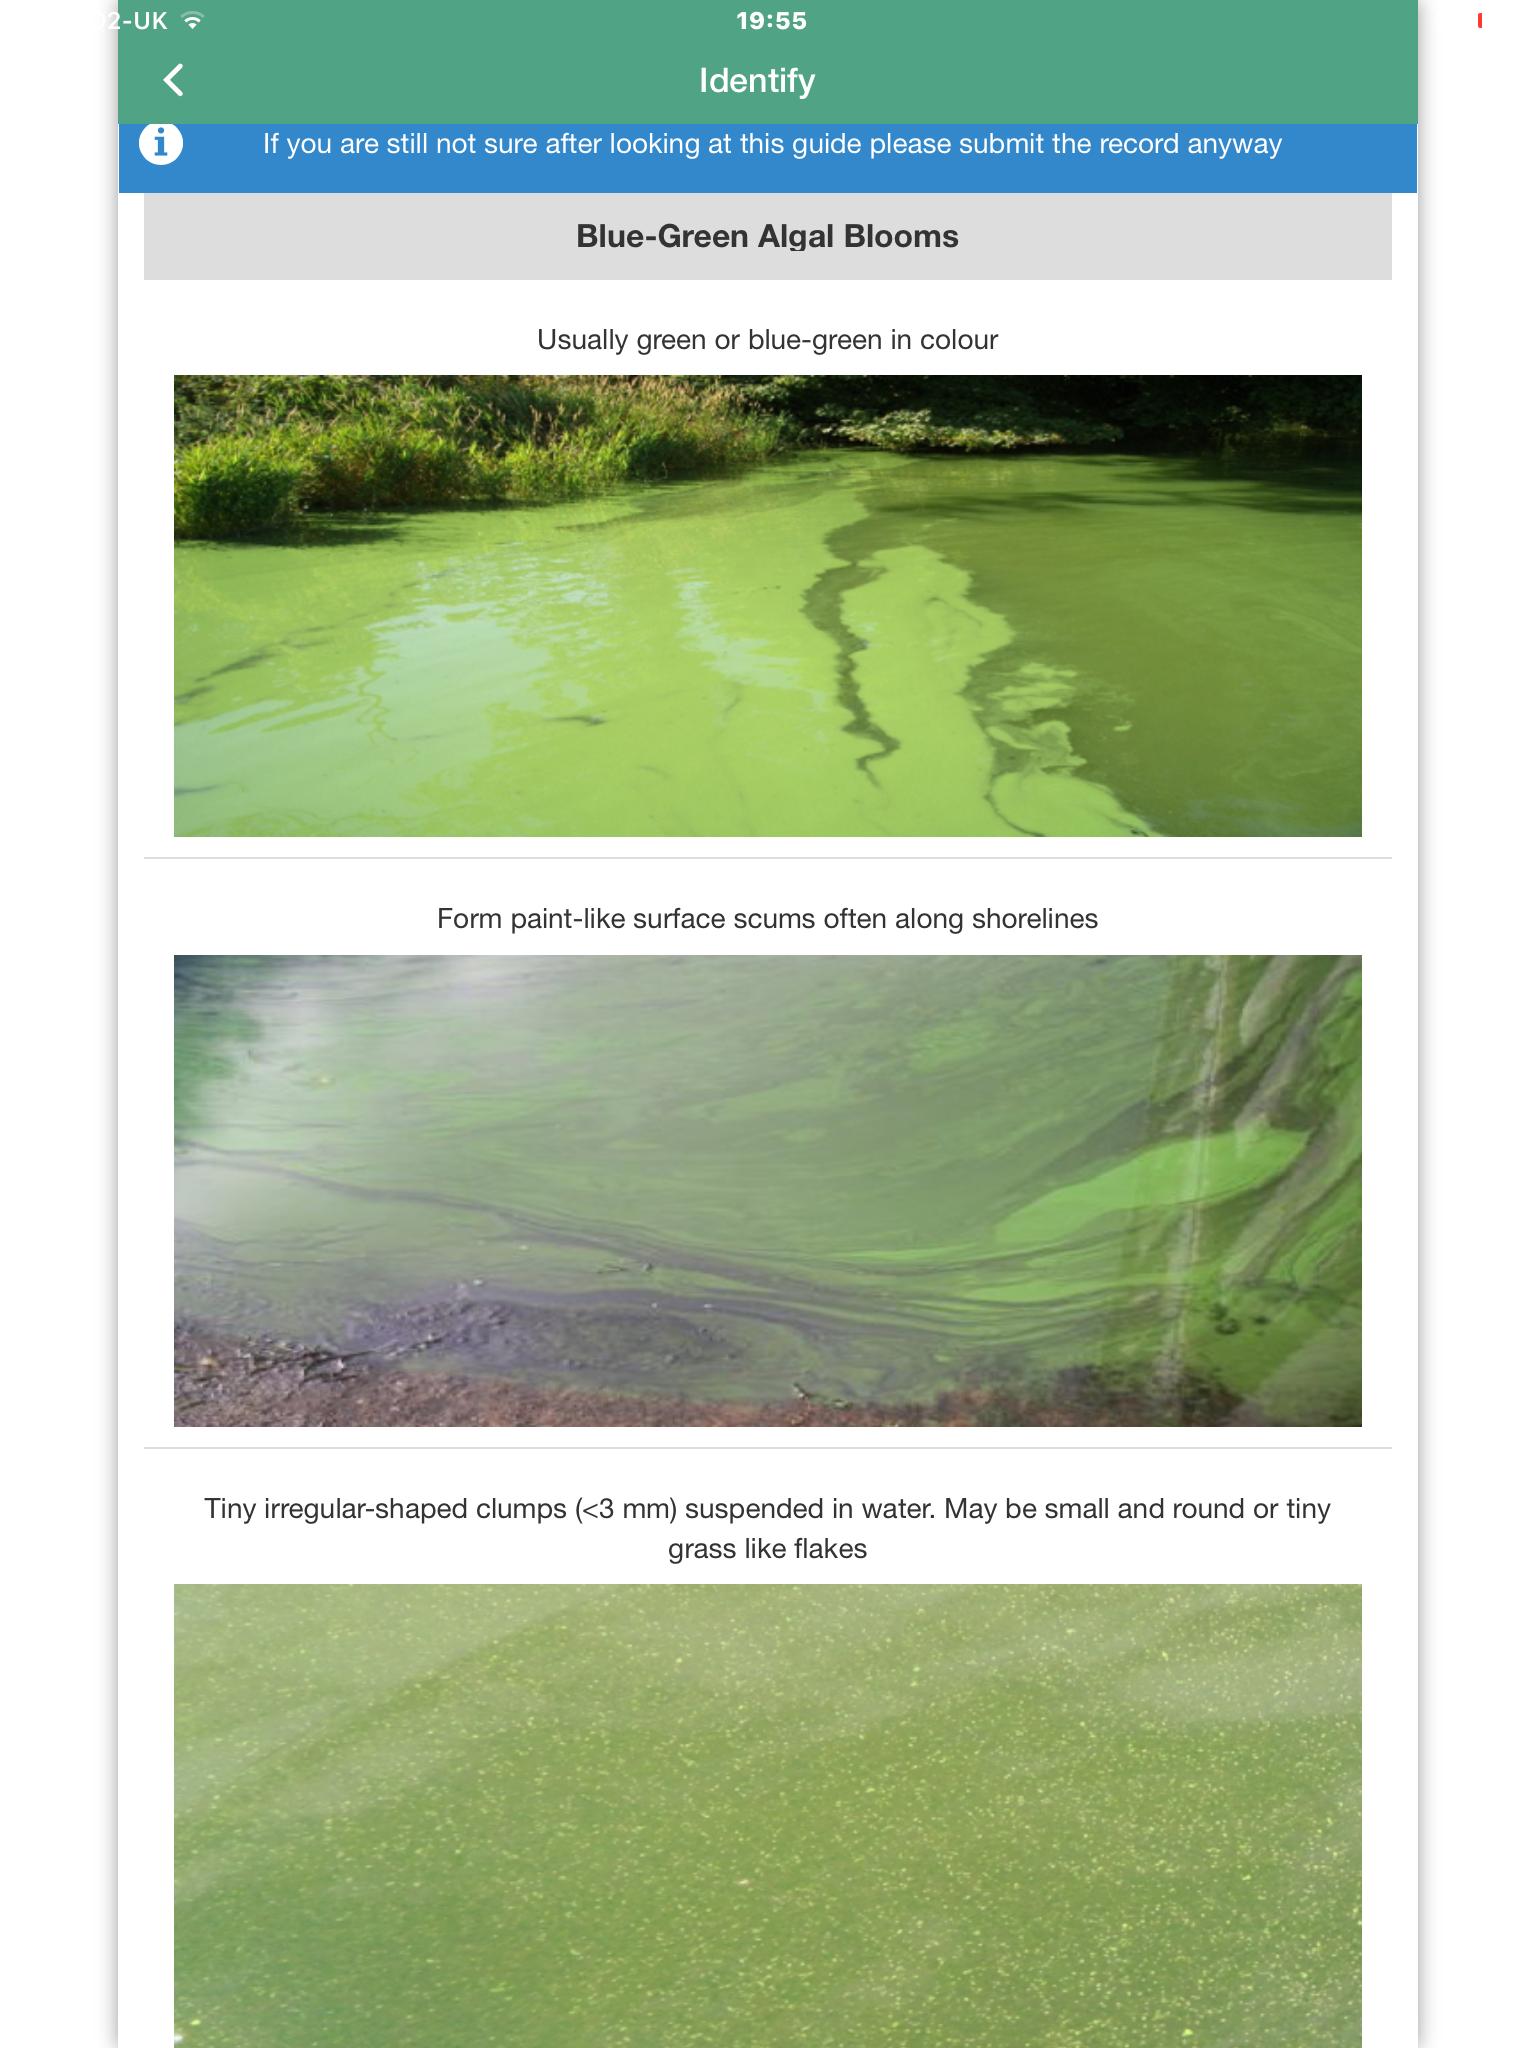 Bloomin' algae app - guide to blooms